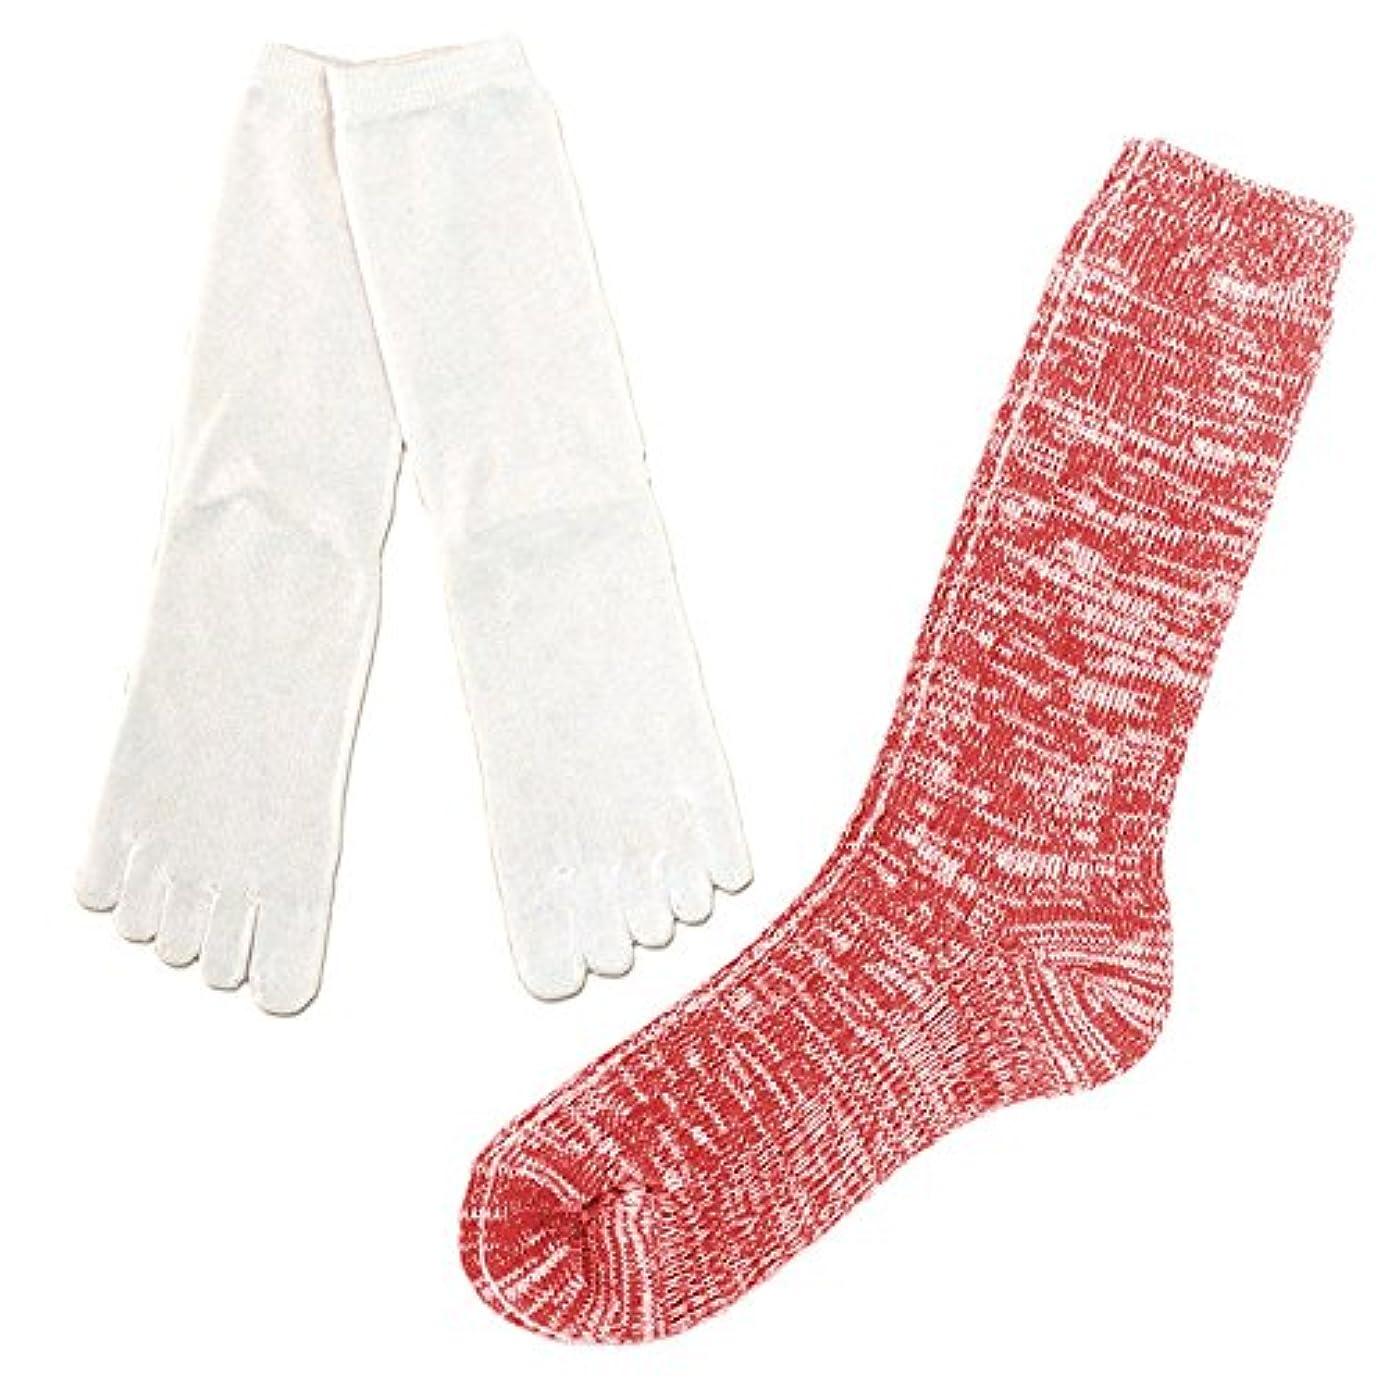 北へご近所値下げシルク 5本指 & コットン リブ ソックス 冷えとり 2足セット 重ね履き 靴下 日本製 23-25cm (赤杢)